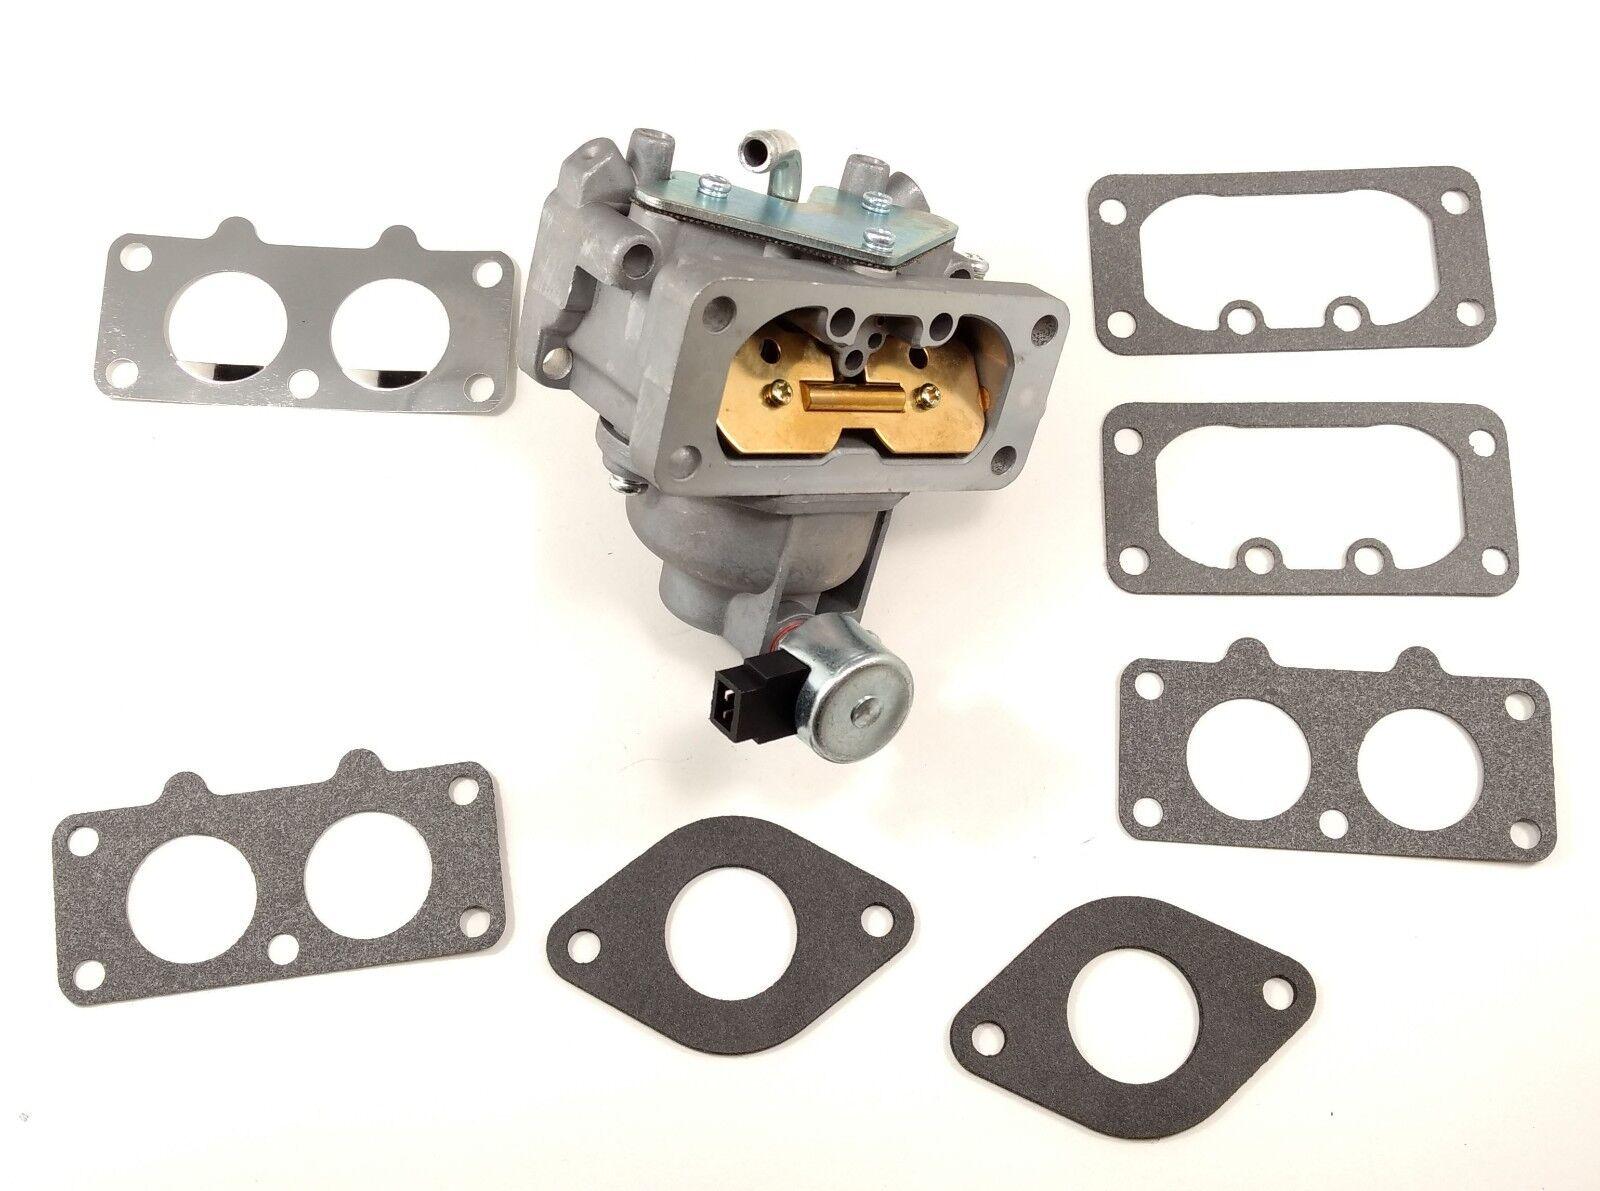 Cocheburador Para Kawasaki 15004-1018 15004-0865 15004-0941 FX850V DS11 ES07 AS14